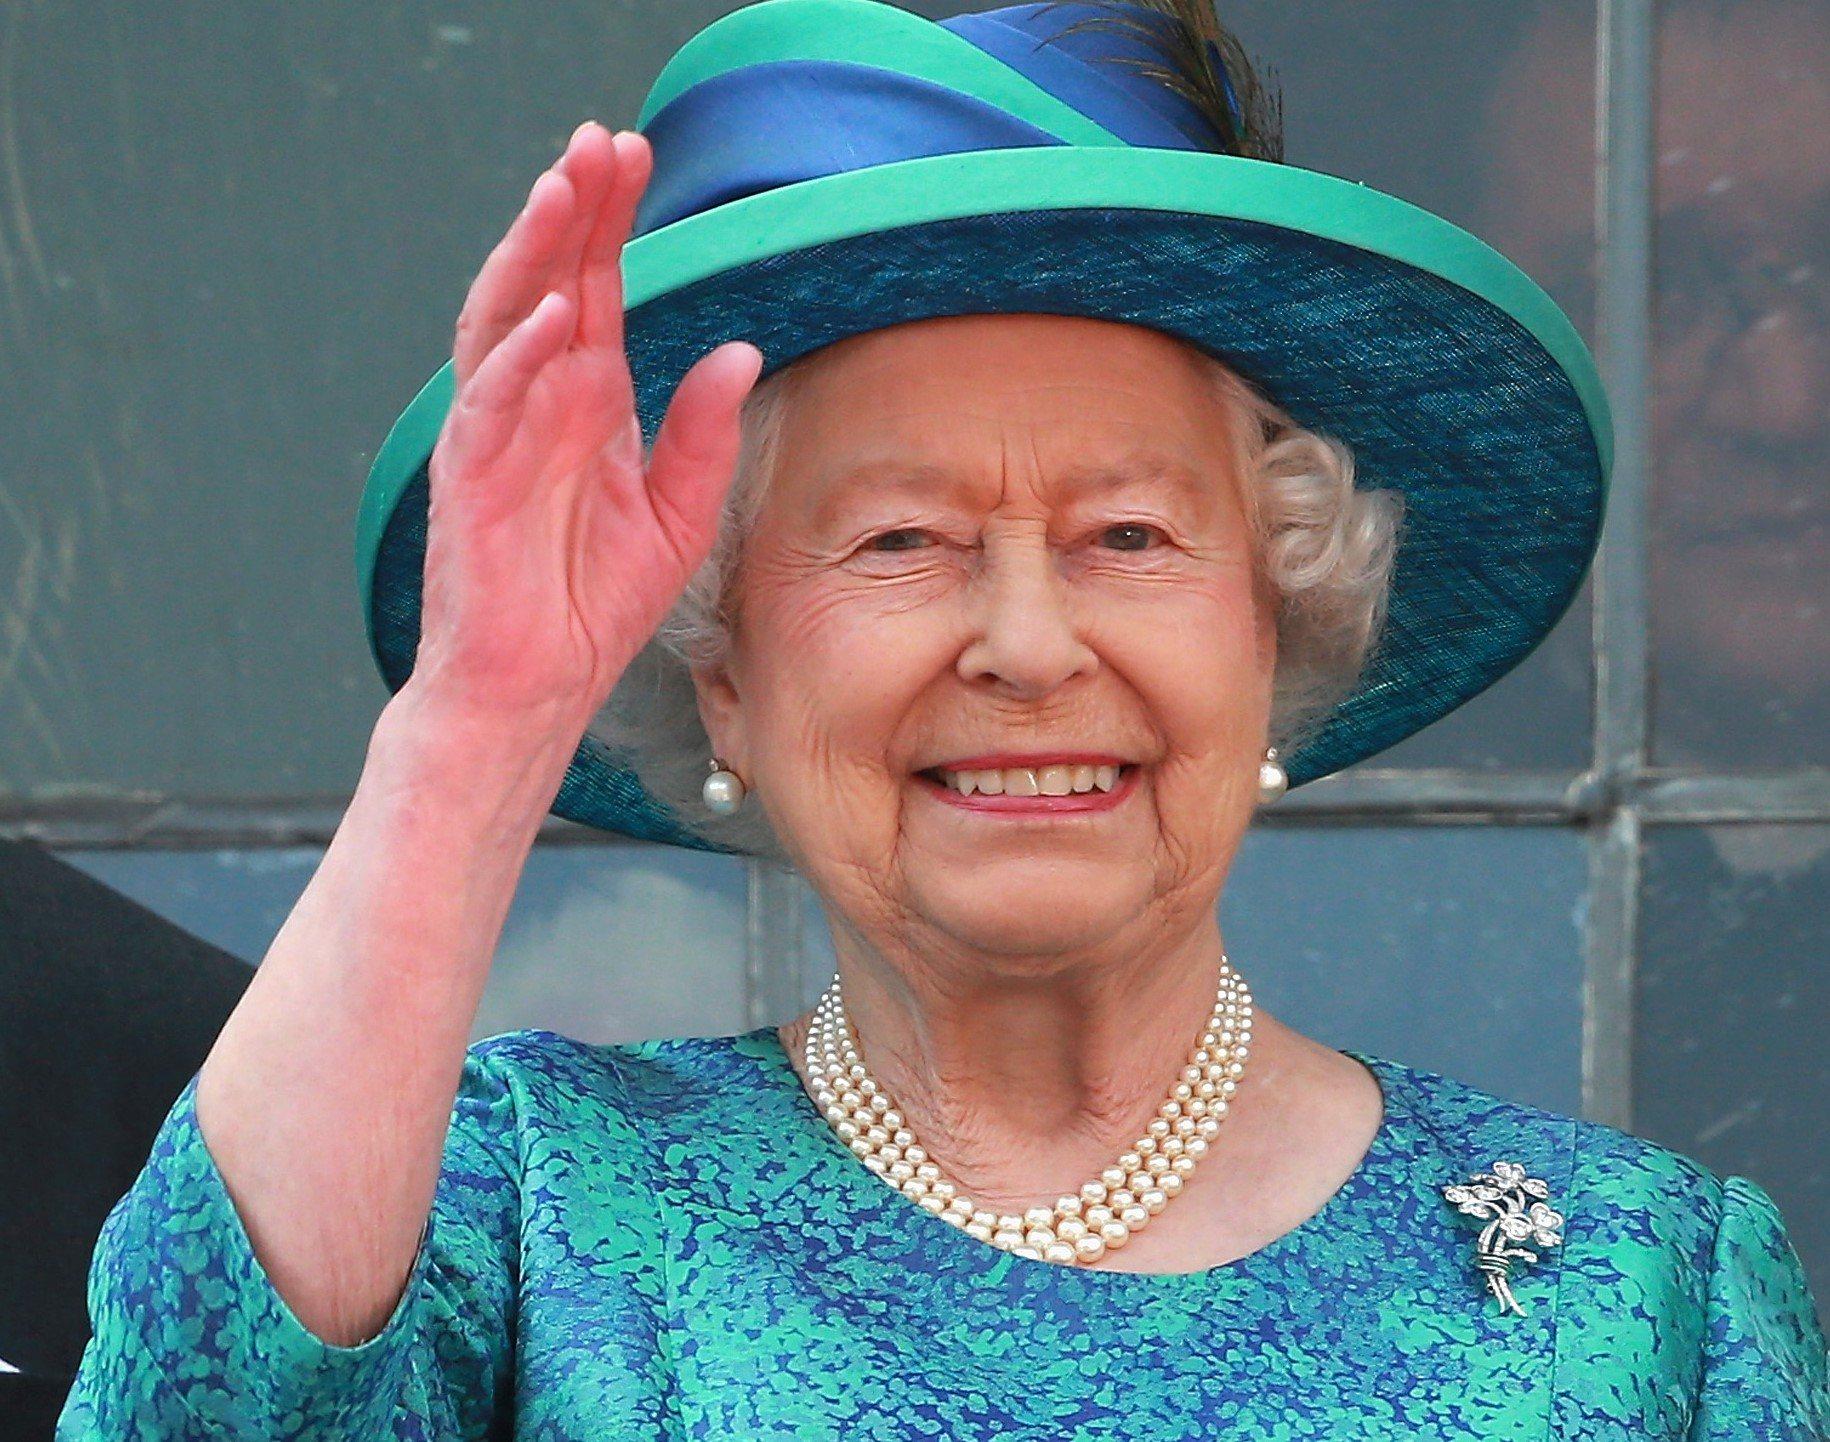 Queen Elizabeth II waving